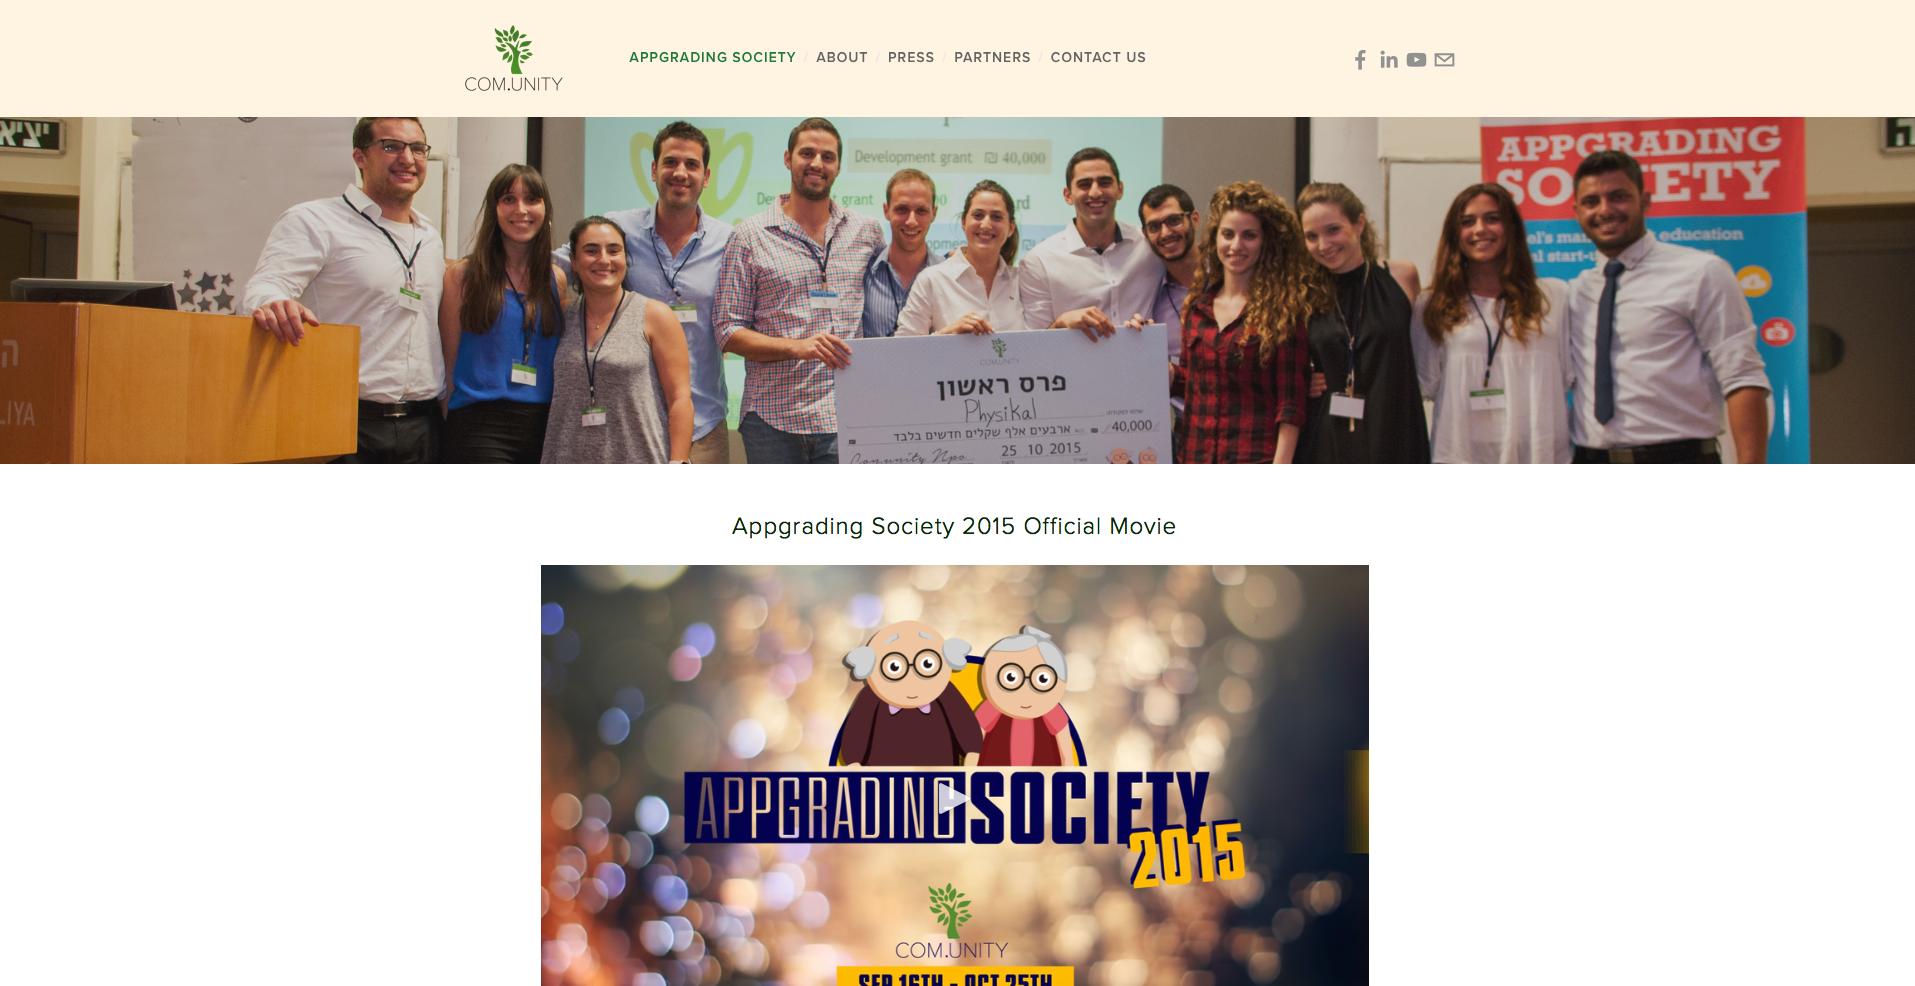 COM.UNITY Official website